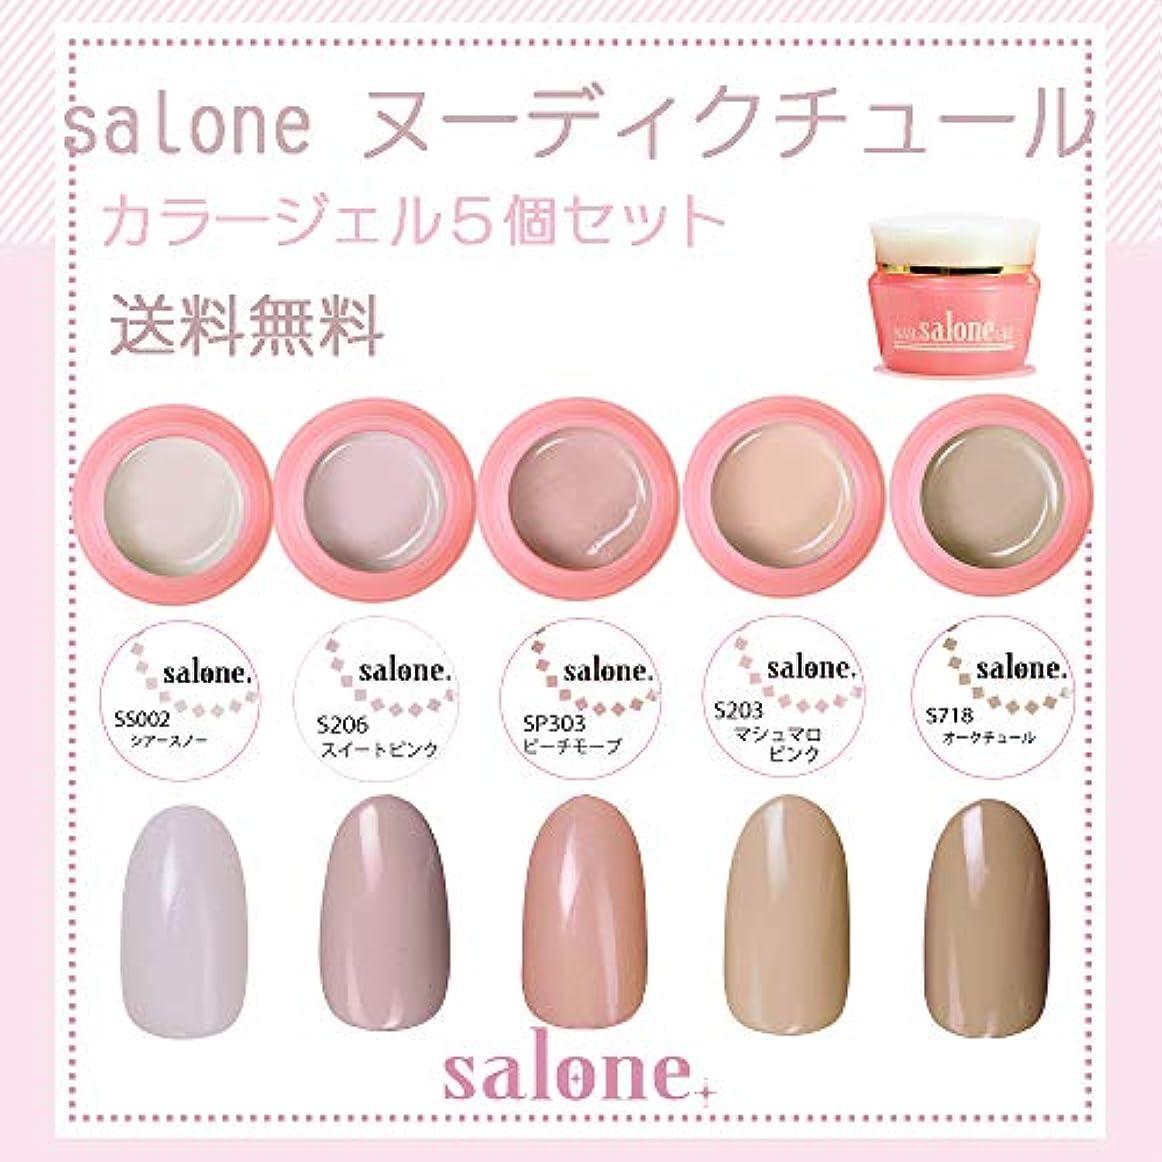 斧ありそうその間【送料無料 日本製】Salone ヌーディクチュール カラージェル5個セット 上品で肌なじみの良いカラー